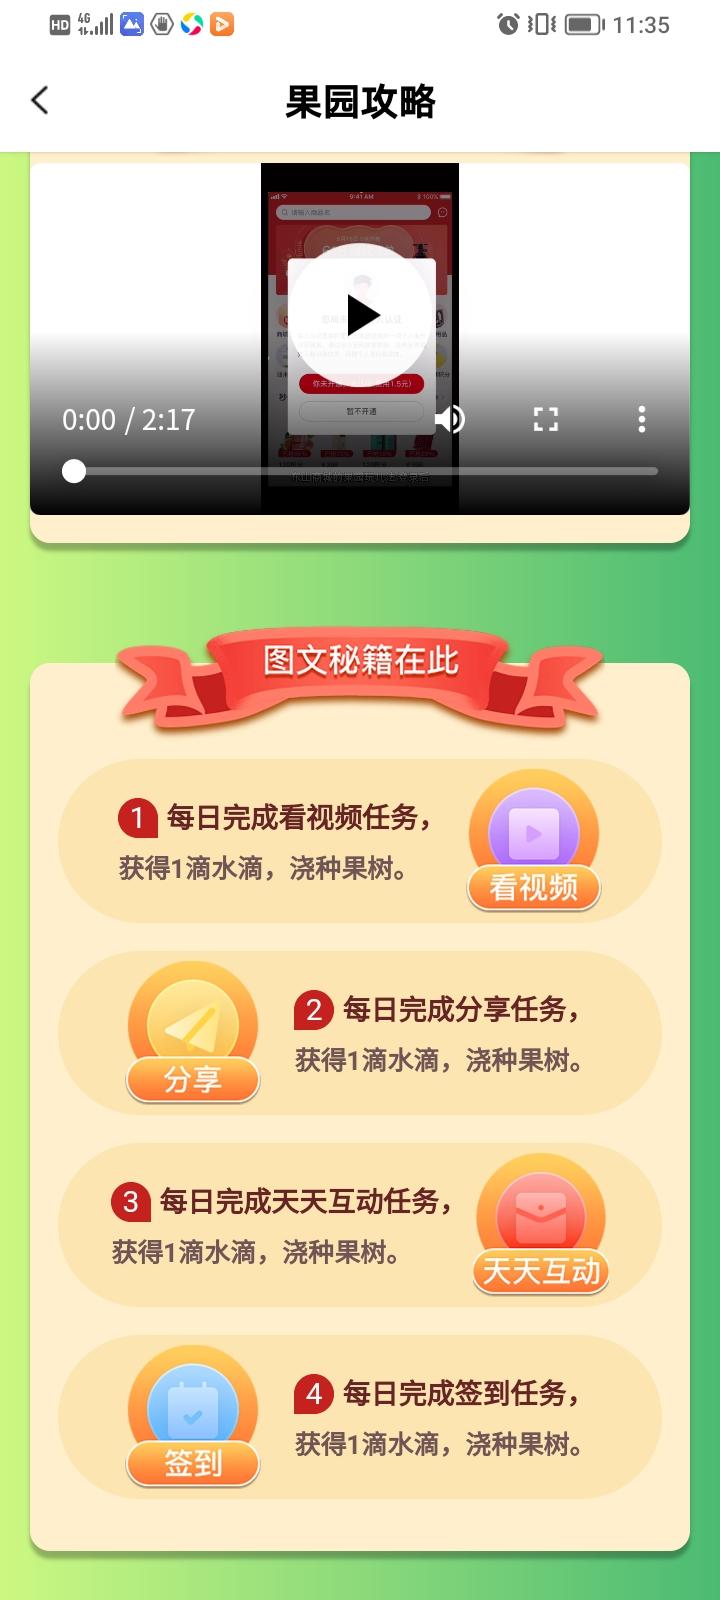 图片[3]-东山商城积分5元起秒卖-首码社